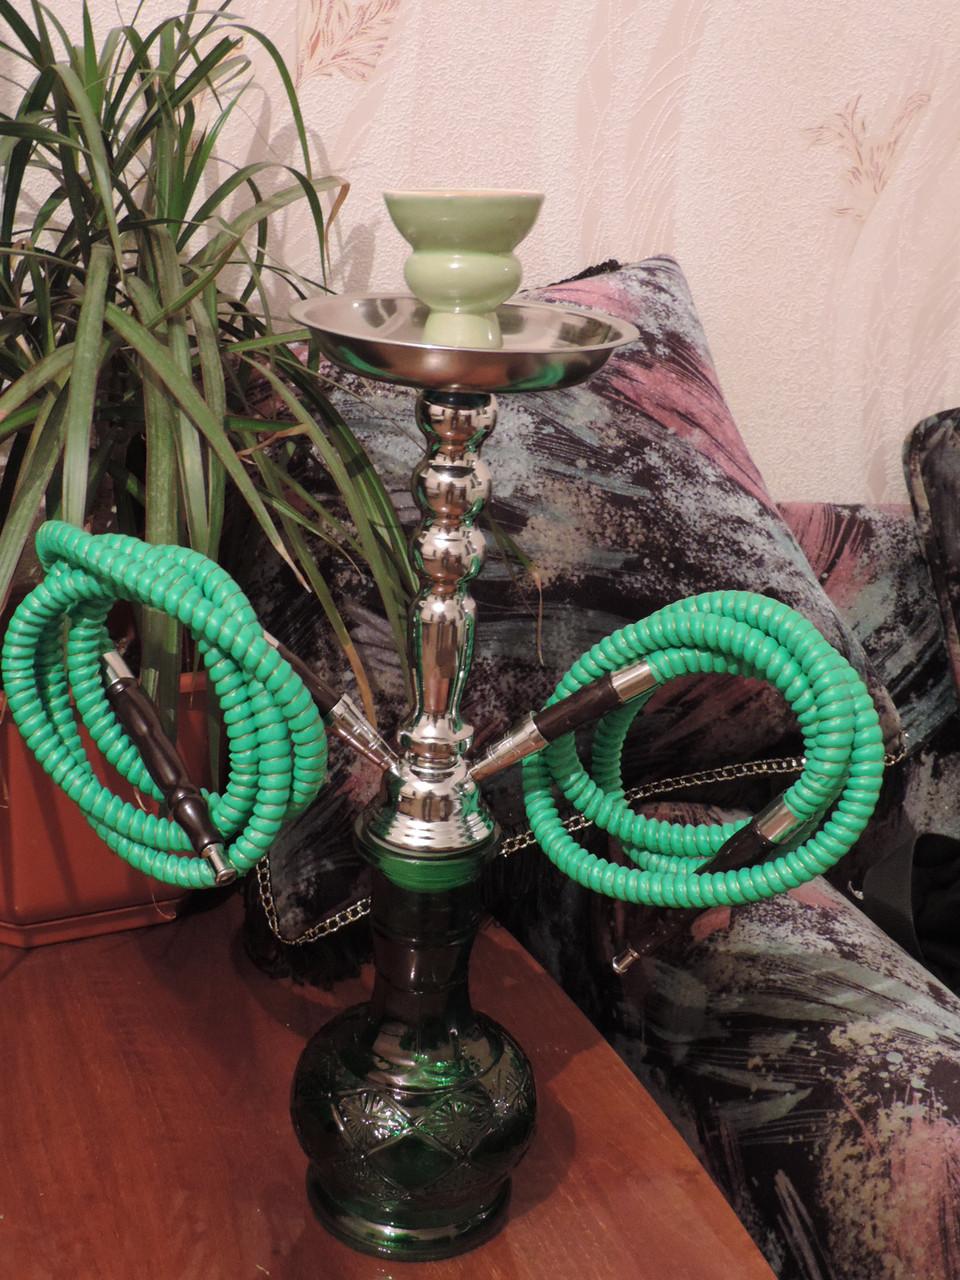 """Кальян """"Hookah Classik"""" - средний 46 см. высота на 2 шланга ( две персоны). Зеленый."""